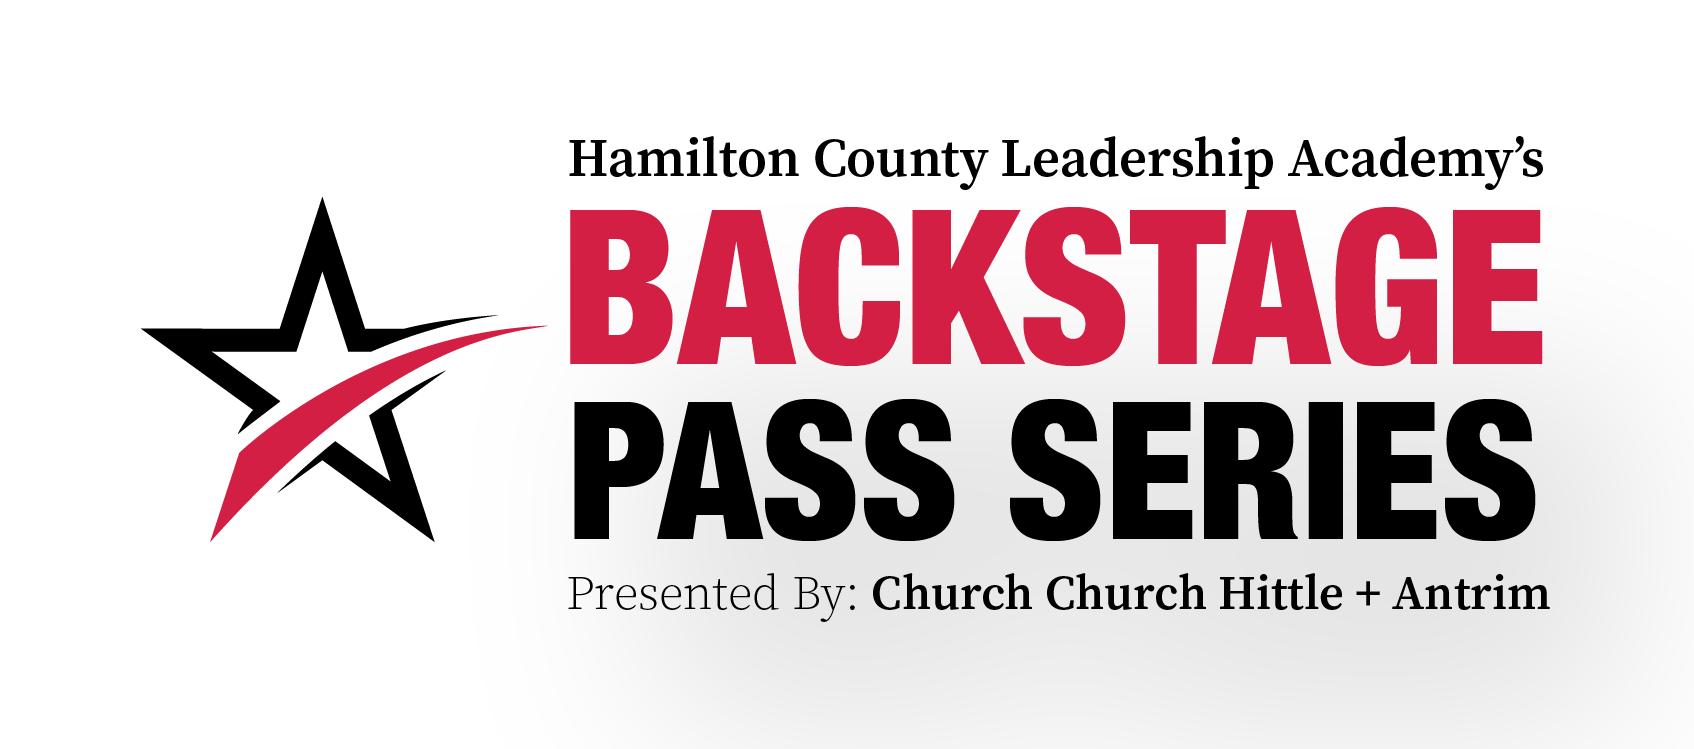 Church Church Hittle + Antrim Partners with Hamilton County Leadership Academy